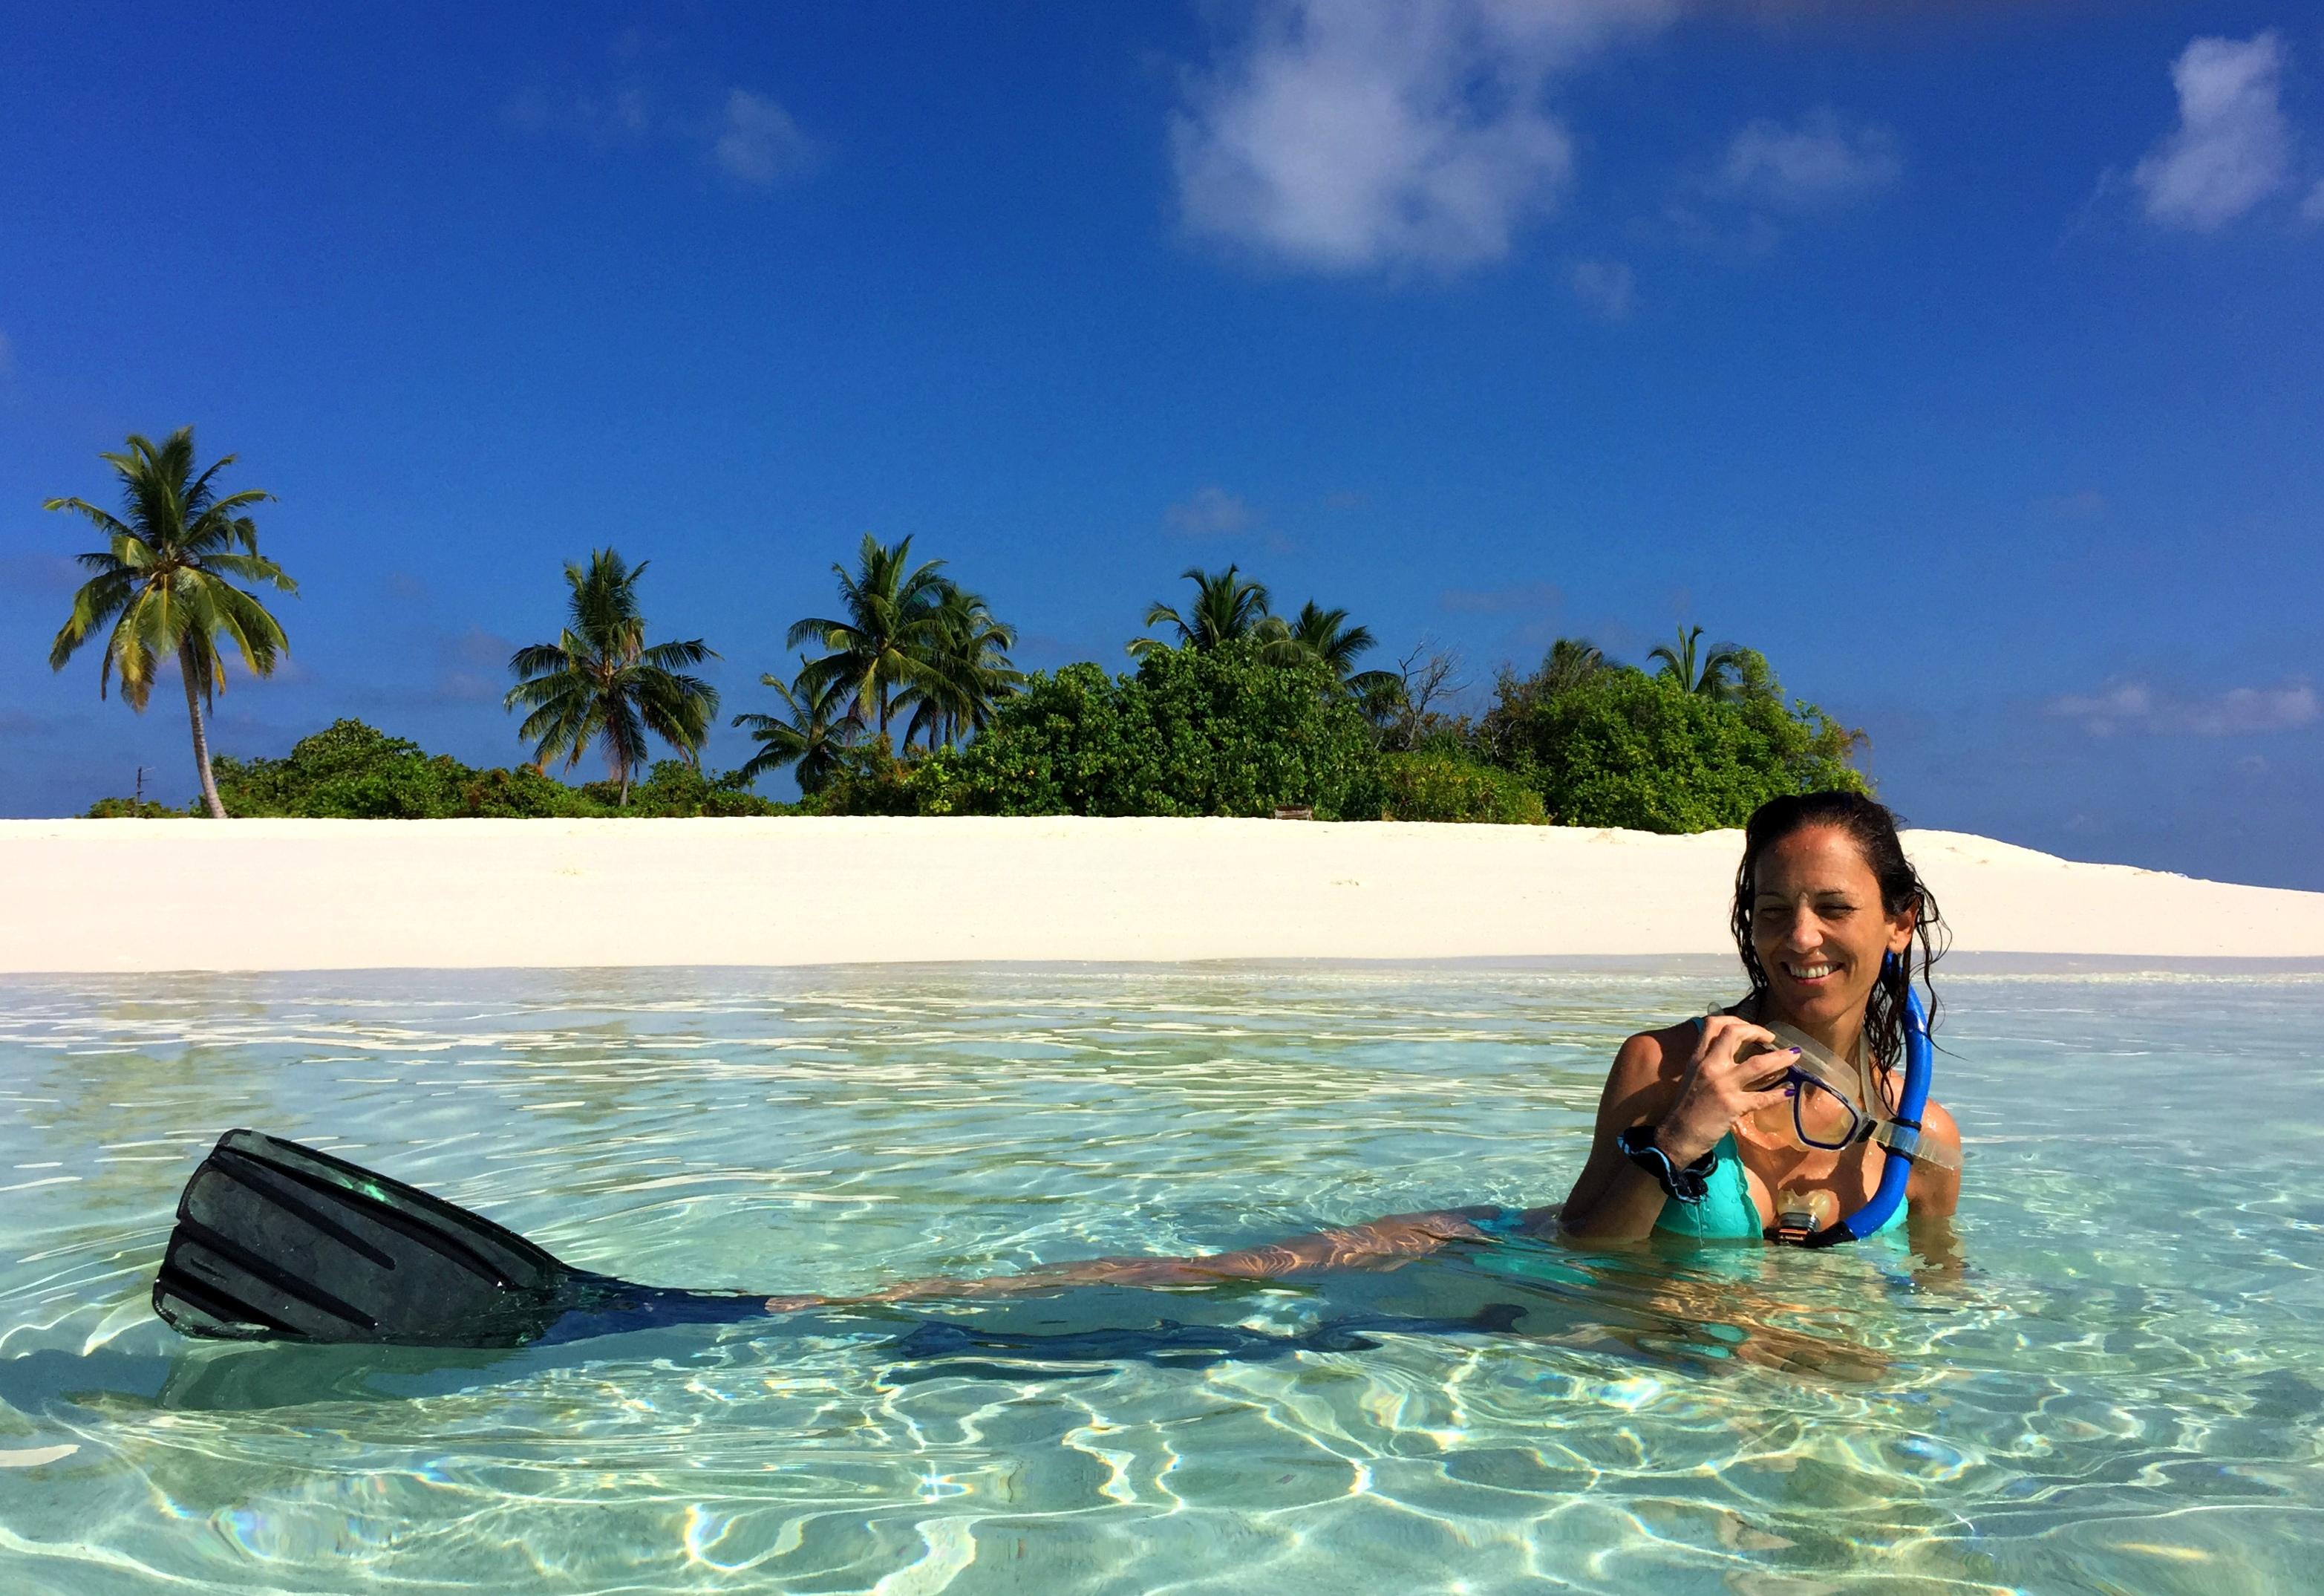 Donatella Moica, di ritorno dallo snorkeling sul reef maldiviano